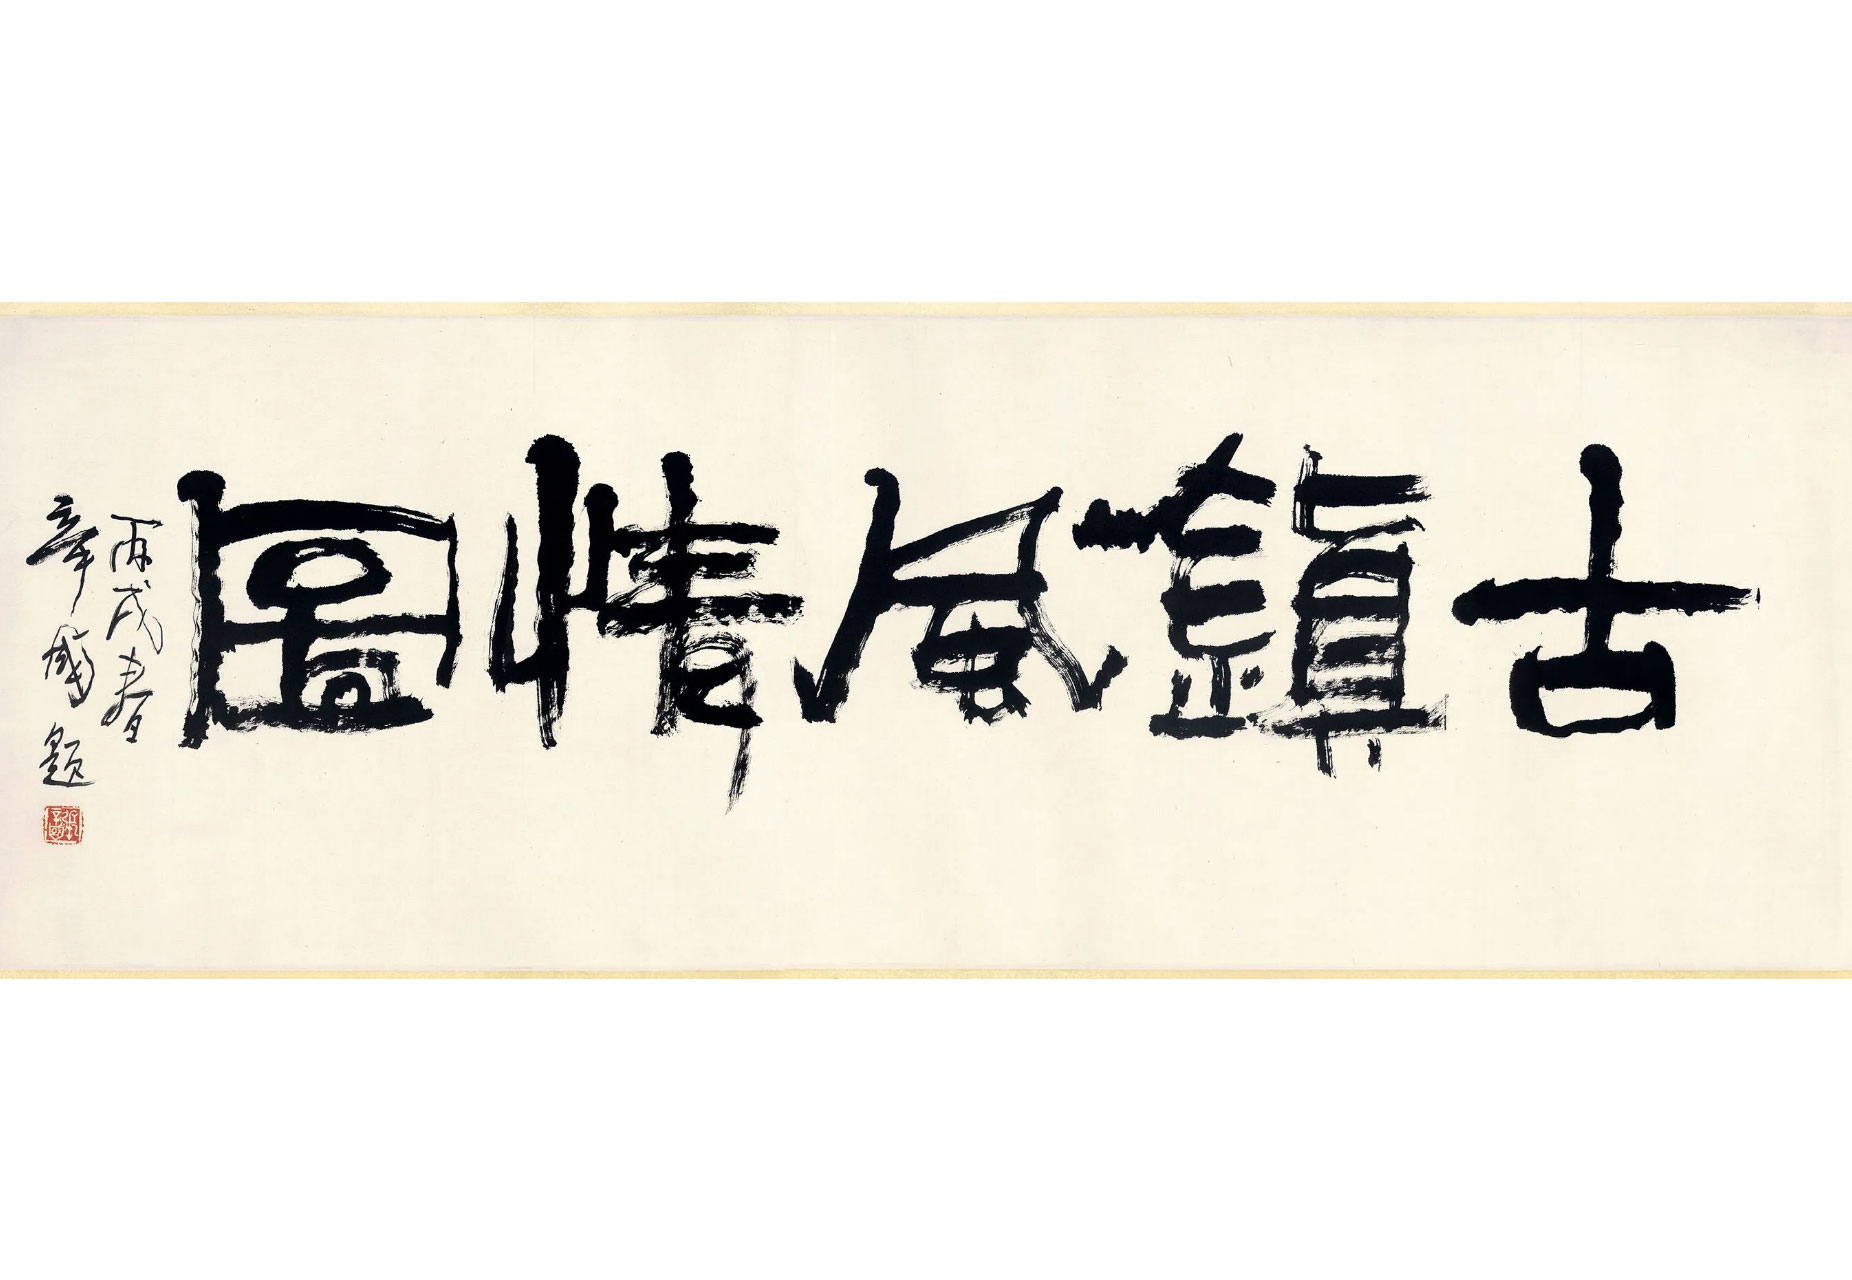 辛集版清明上河图:《古镇风情图》三十米长卷展现百年前辛集民俗风情